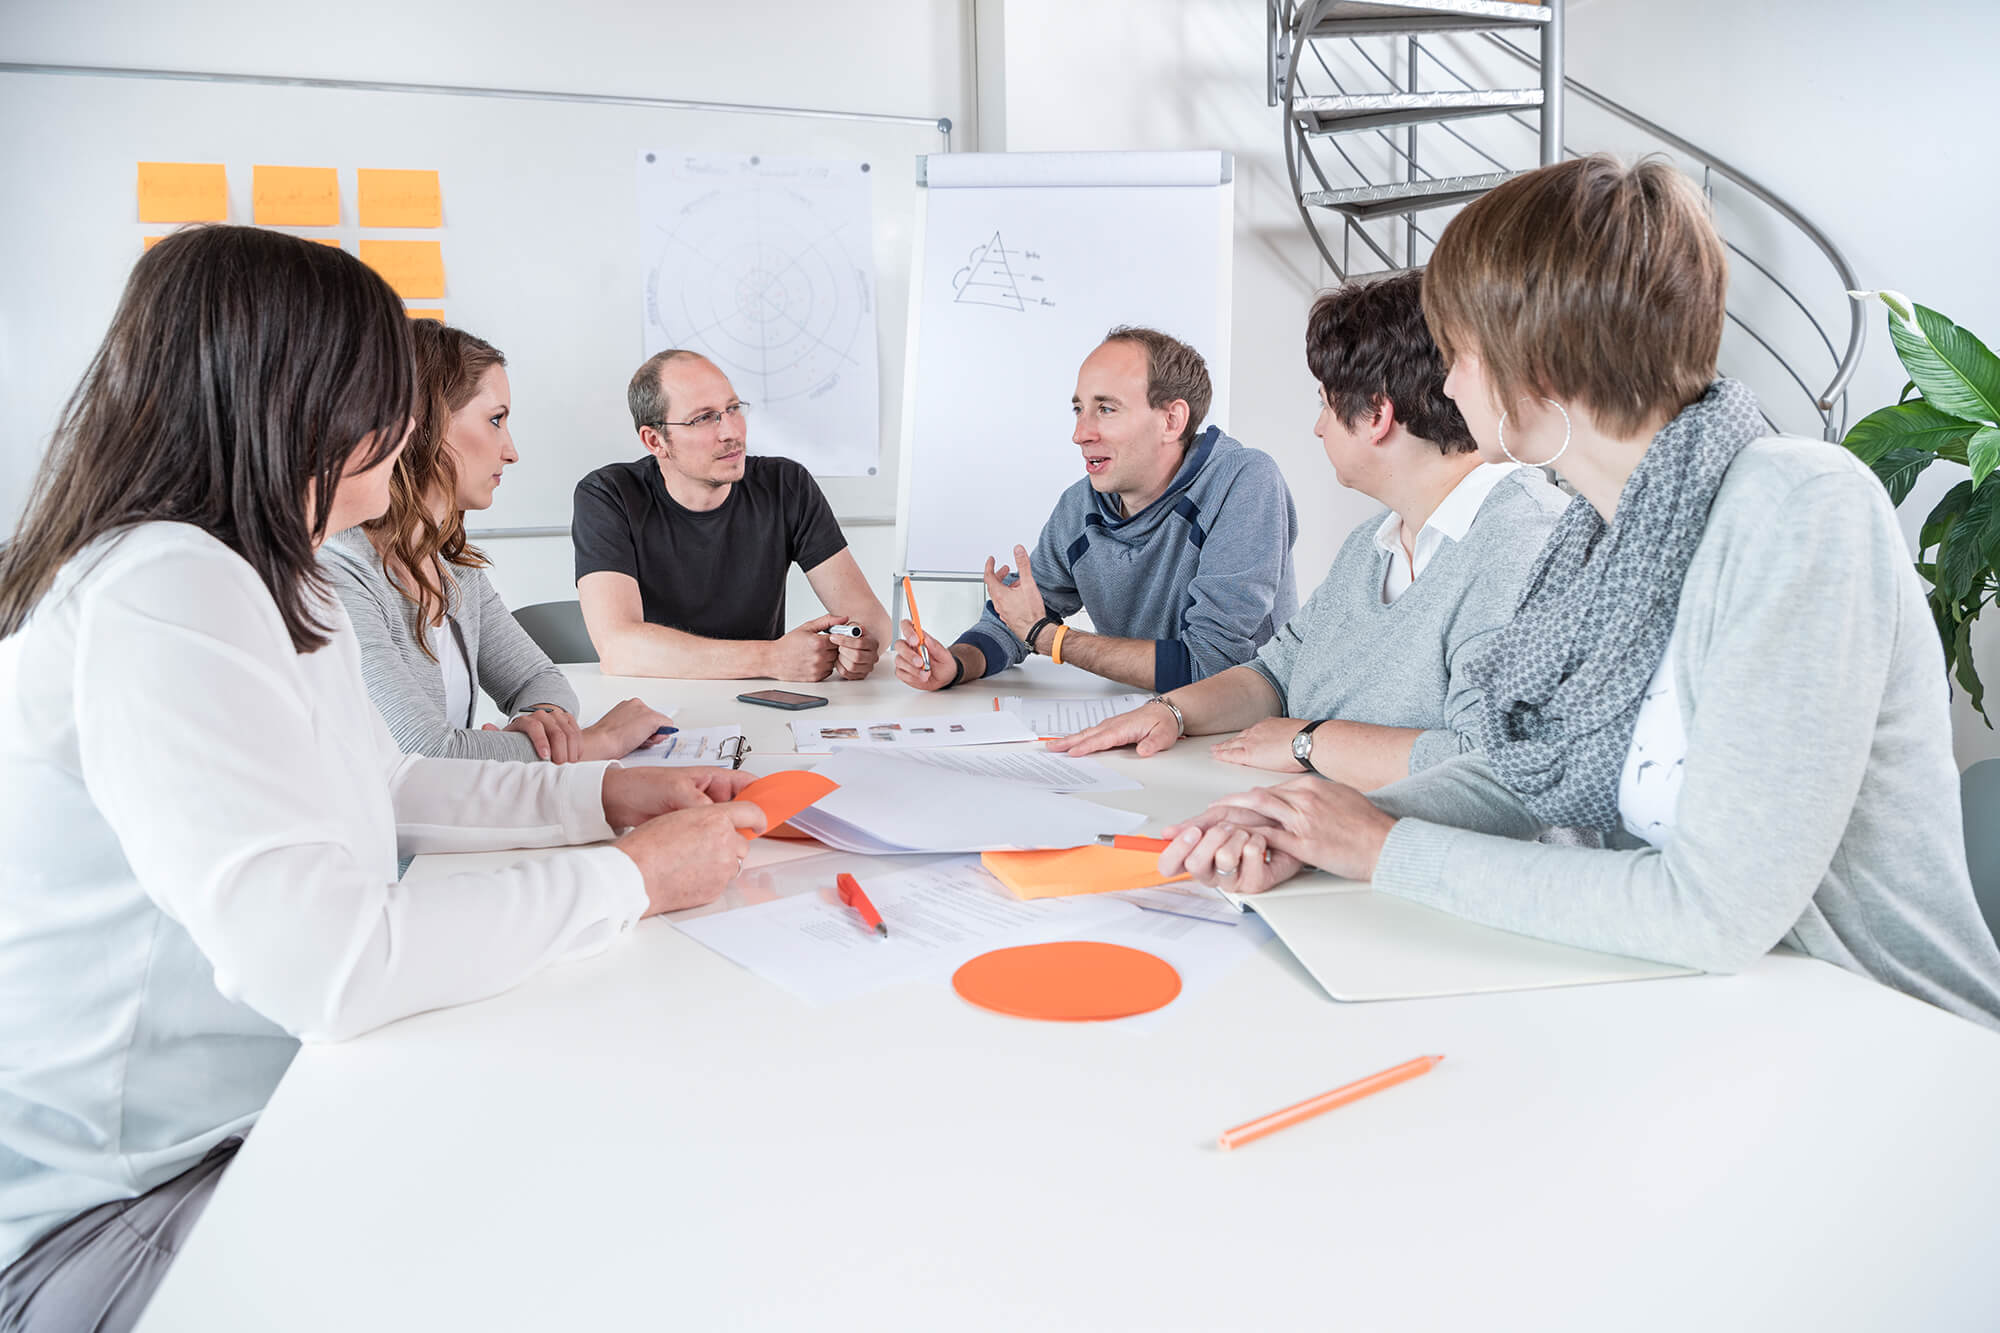 Retrospektiven: Im Projektalltag für ein besseres Miteinander lernen